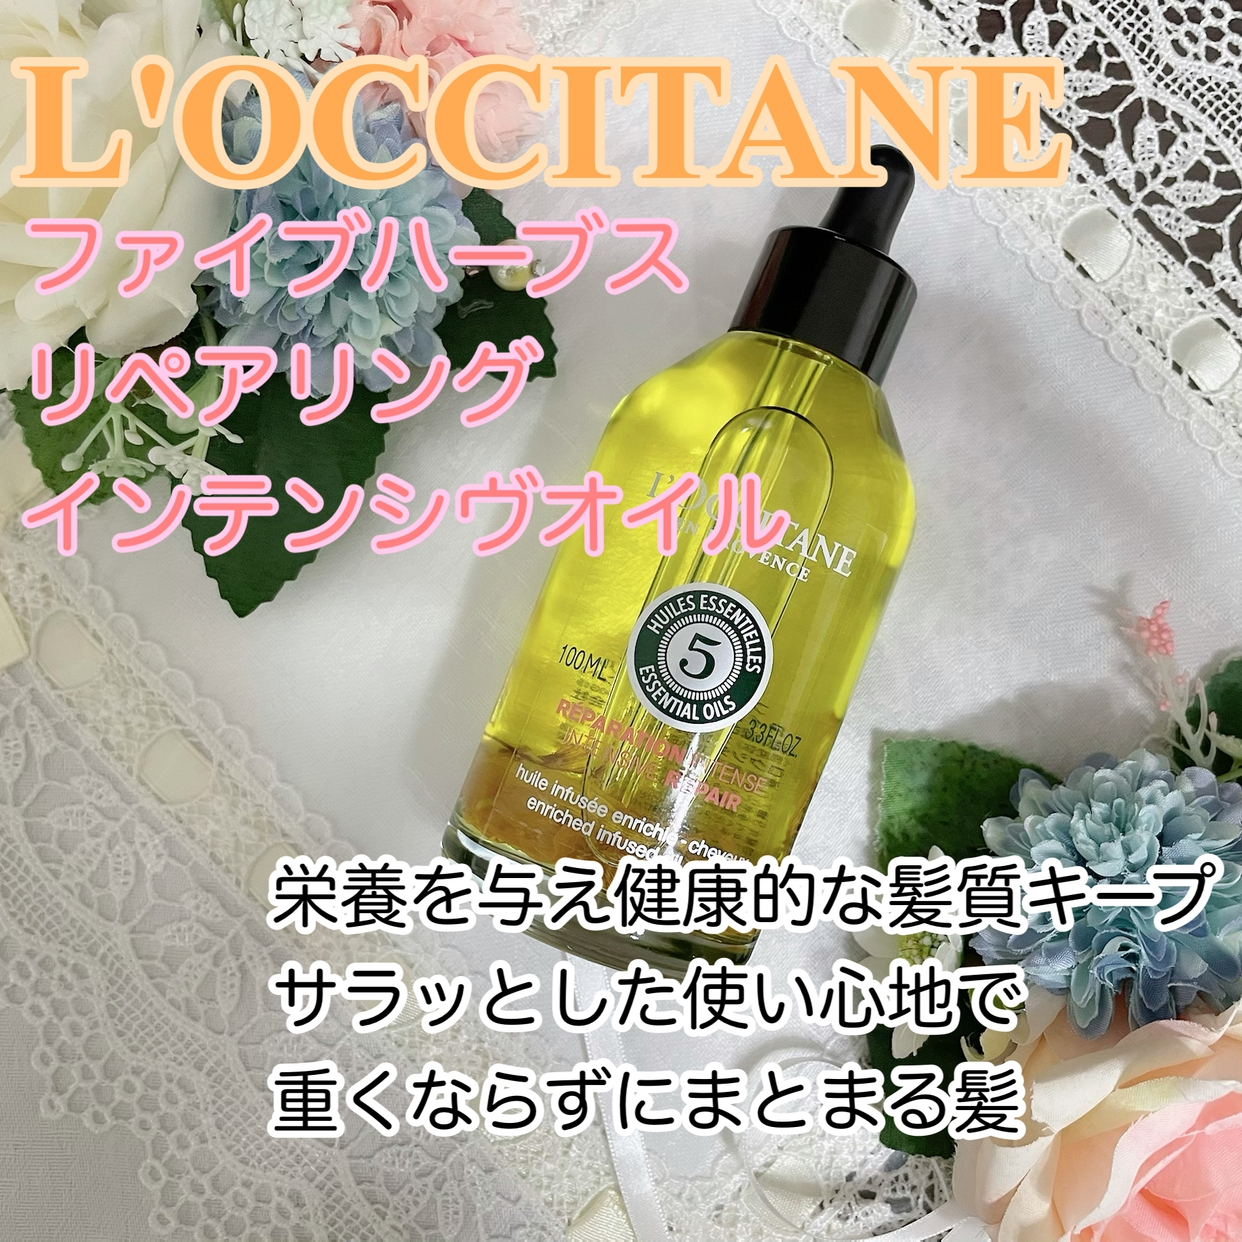 L'OCCITANE(ロクシタン)ファイブハーブス リペアリングインテンシヴオイルを使ったかおきちさんのクチコミ画像